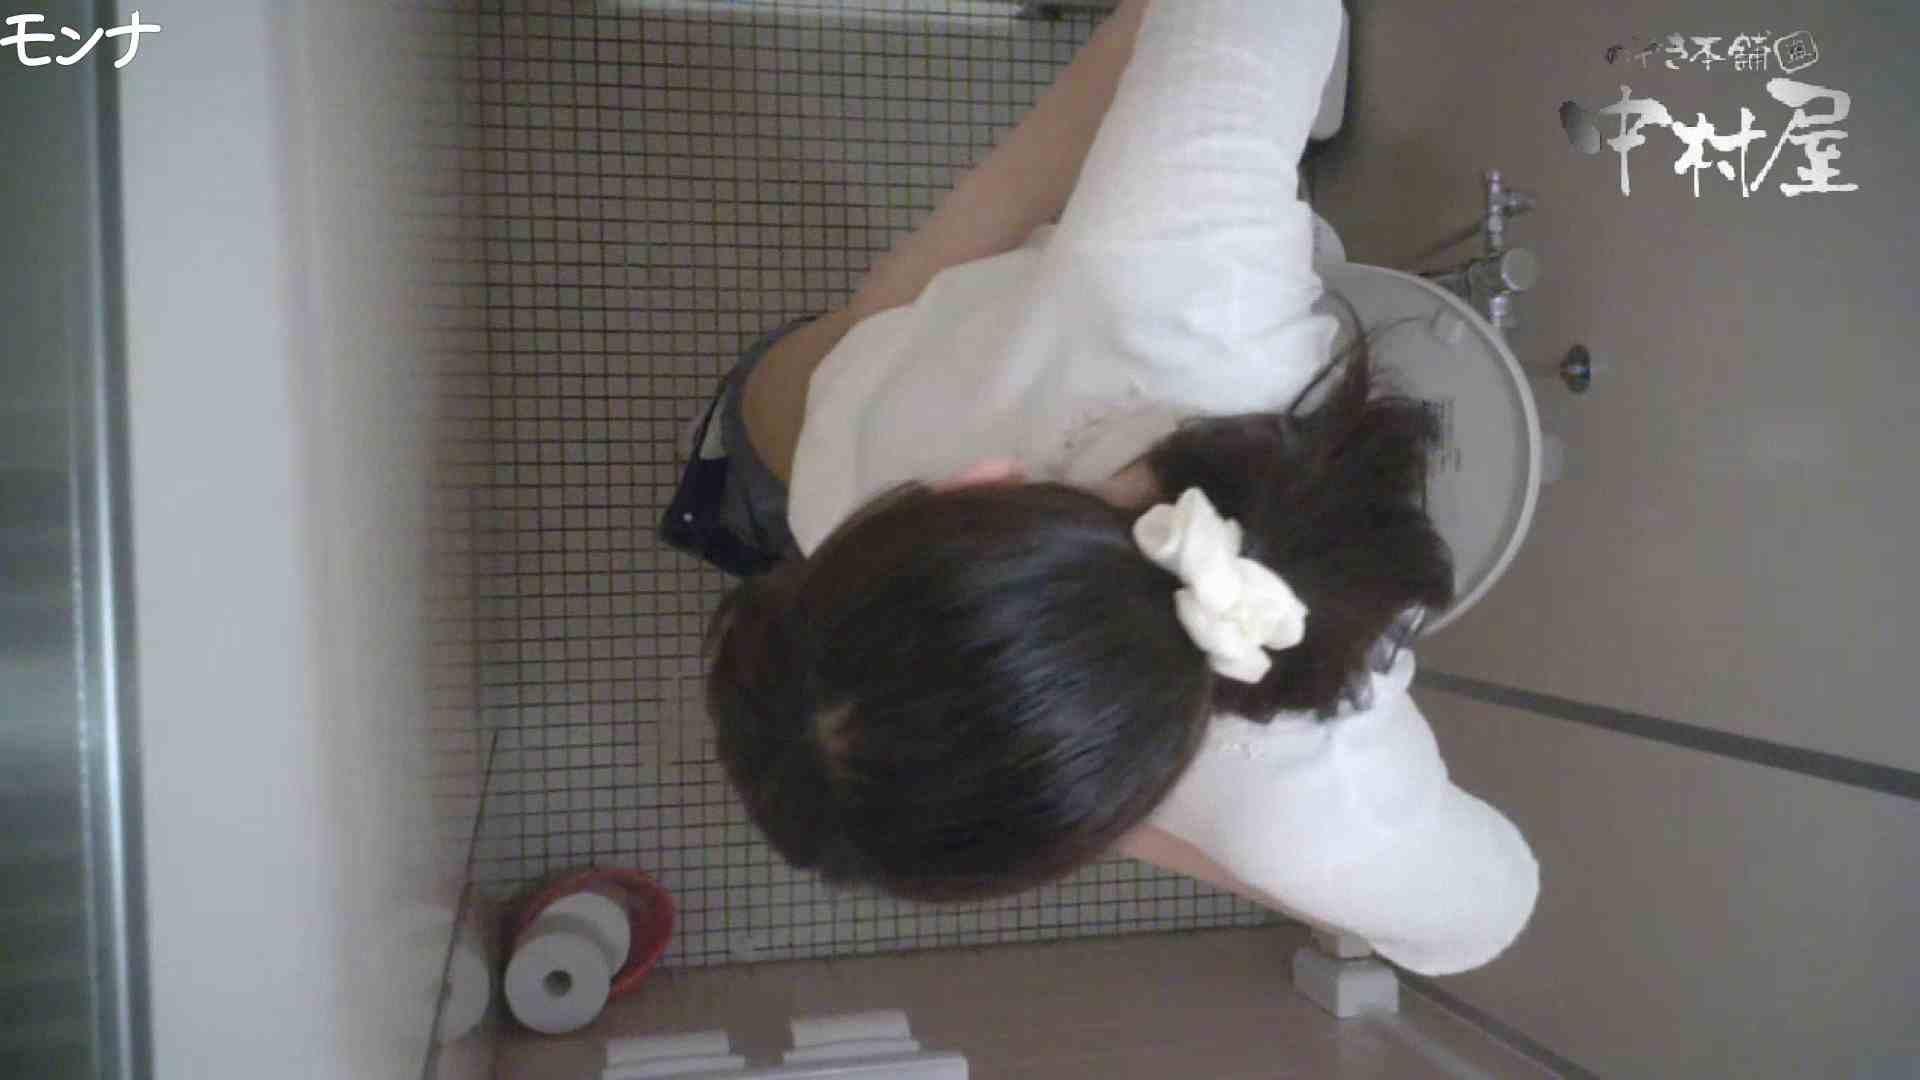 有名大学女性洗面所 vol.65 秘技!!マルチアングル天井撮り!! マルチアングル | 投稿  106PIX 1